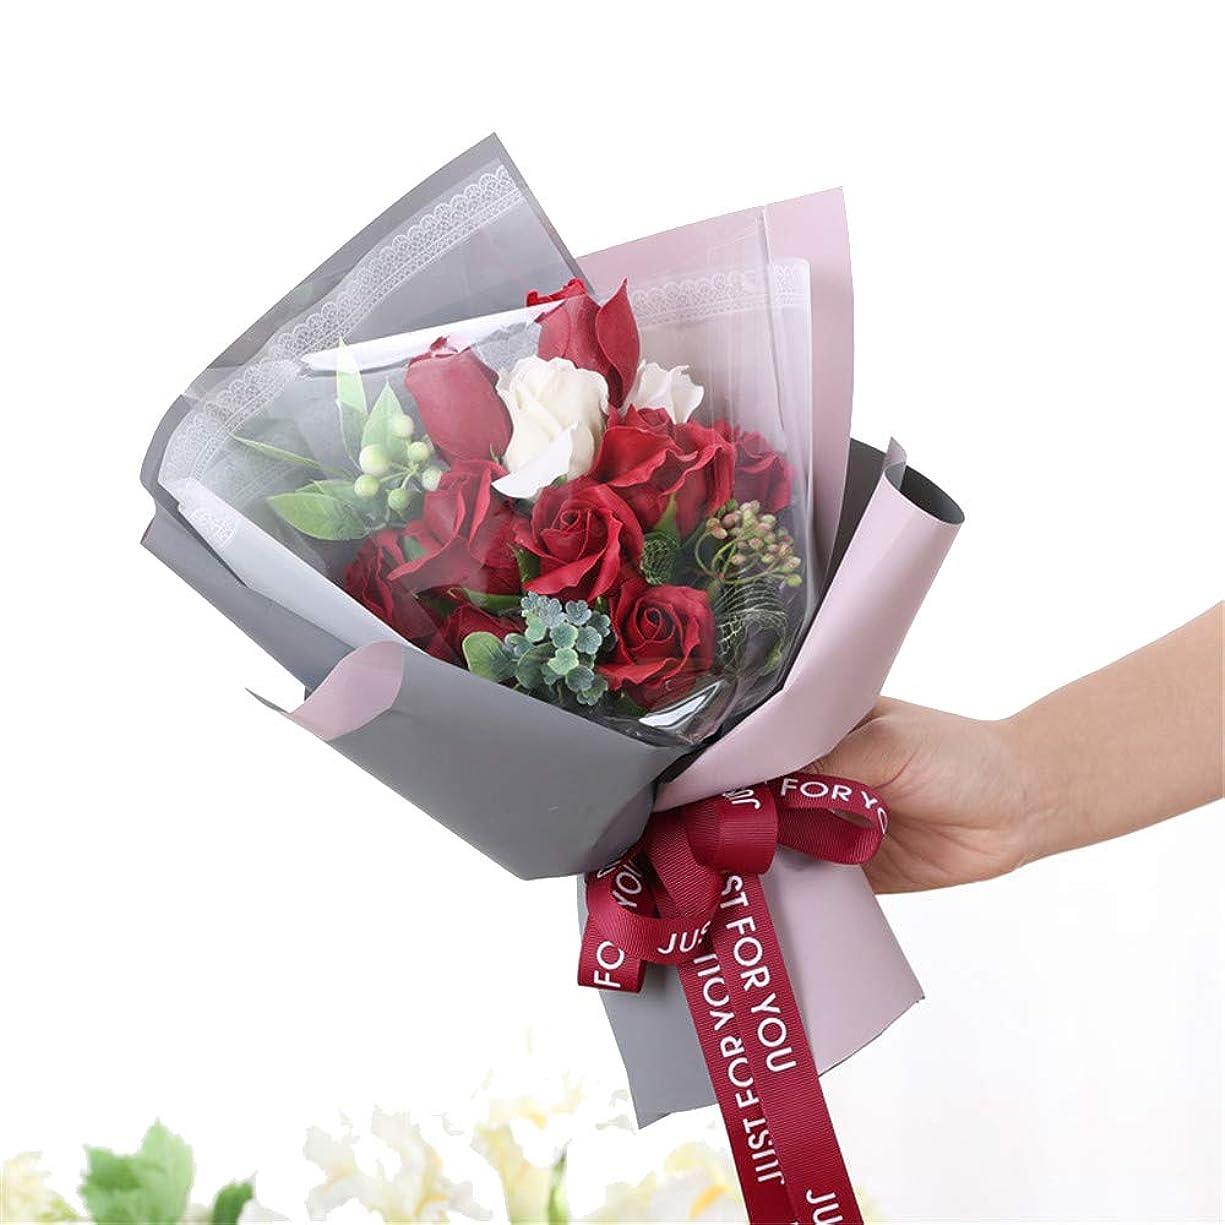 土砂降りブレス火曜日手作りのバラ石鹸フラワーブーケのギフトボックス、女性のためのギフトバレンタインデー、母の日、結婚式、クリスマス、誕生日を愛した女の子 (色 : 赤)